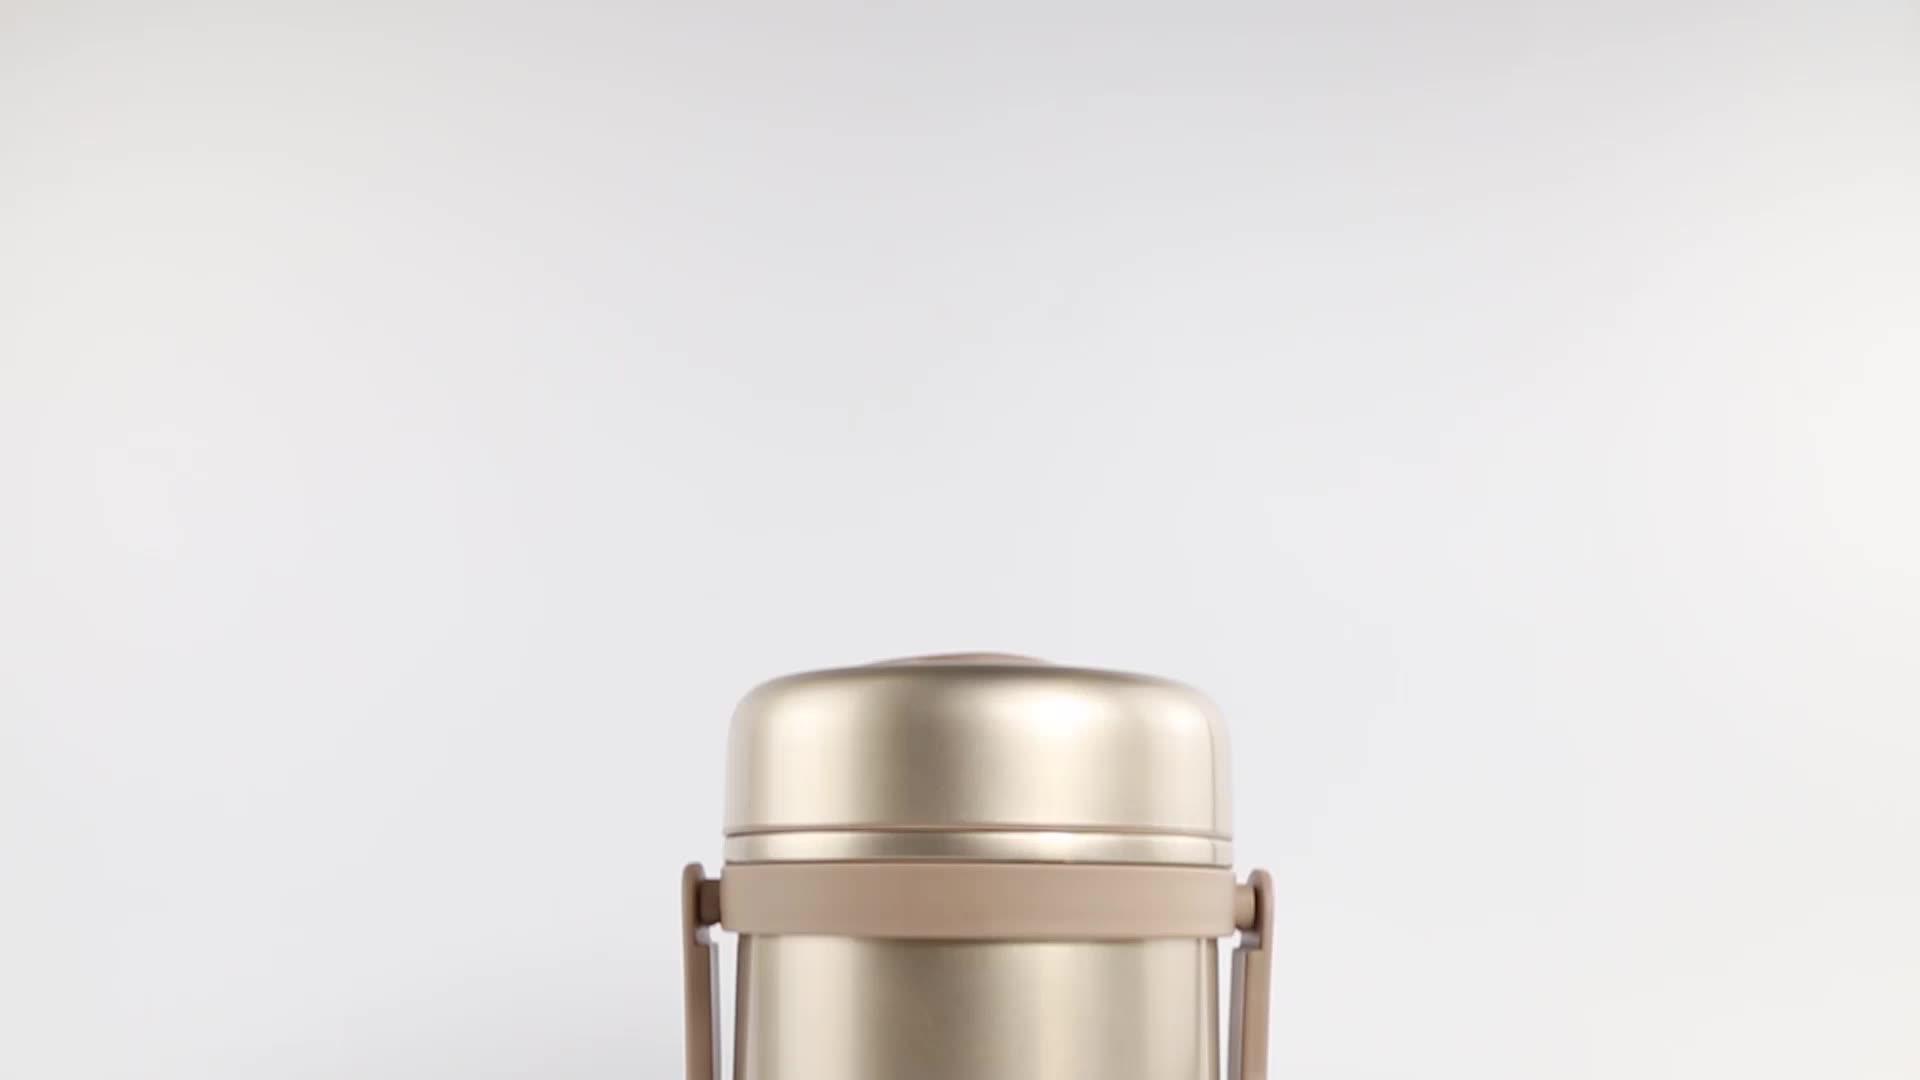 Individuelle vakuum metall isolierte lebensmittel container doppel wand tiffin träger 2 schicht thermische edelstahl lunch box mit griff